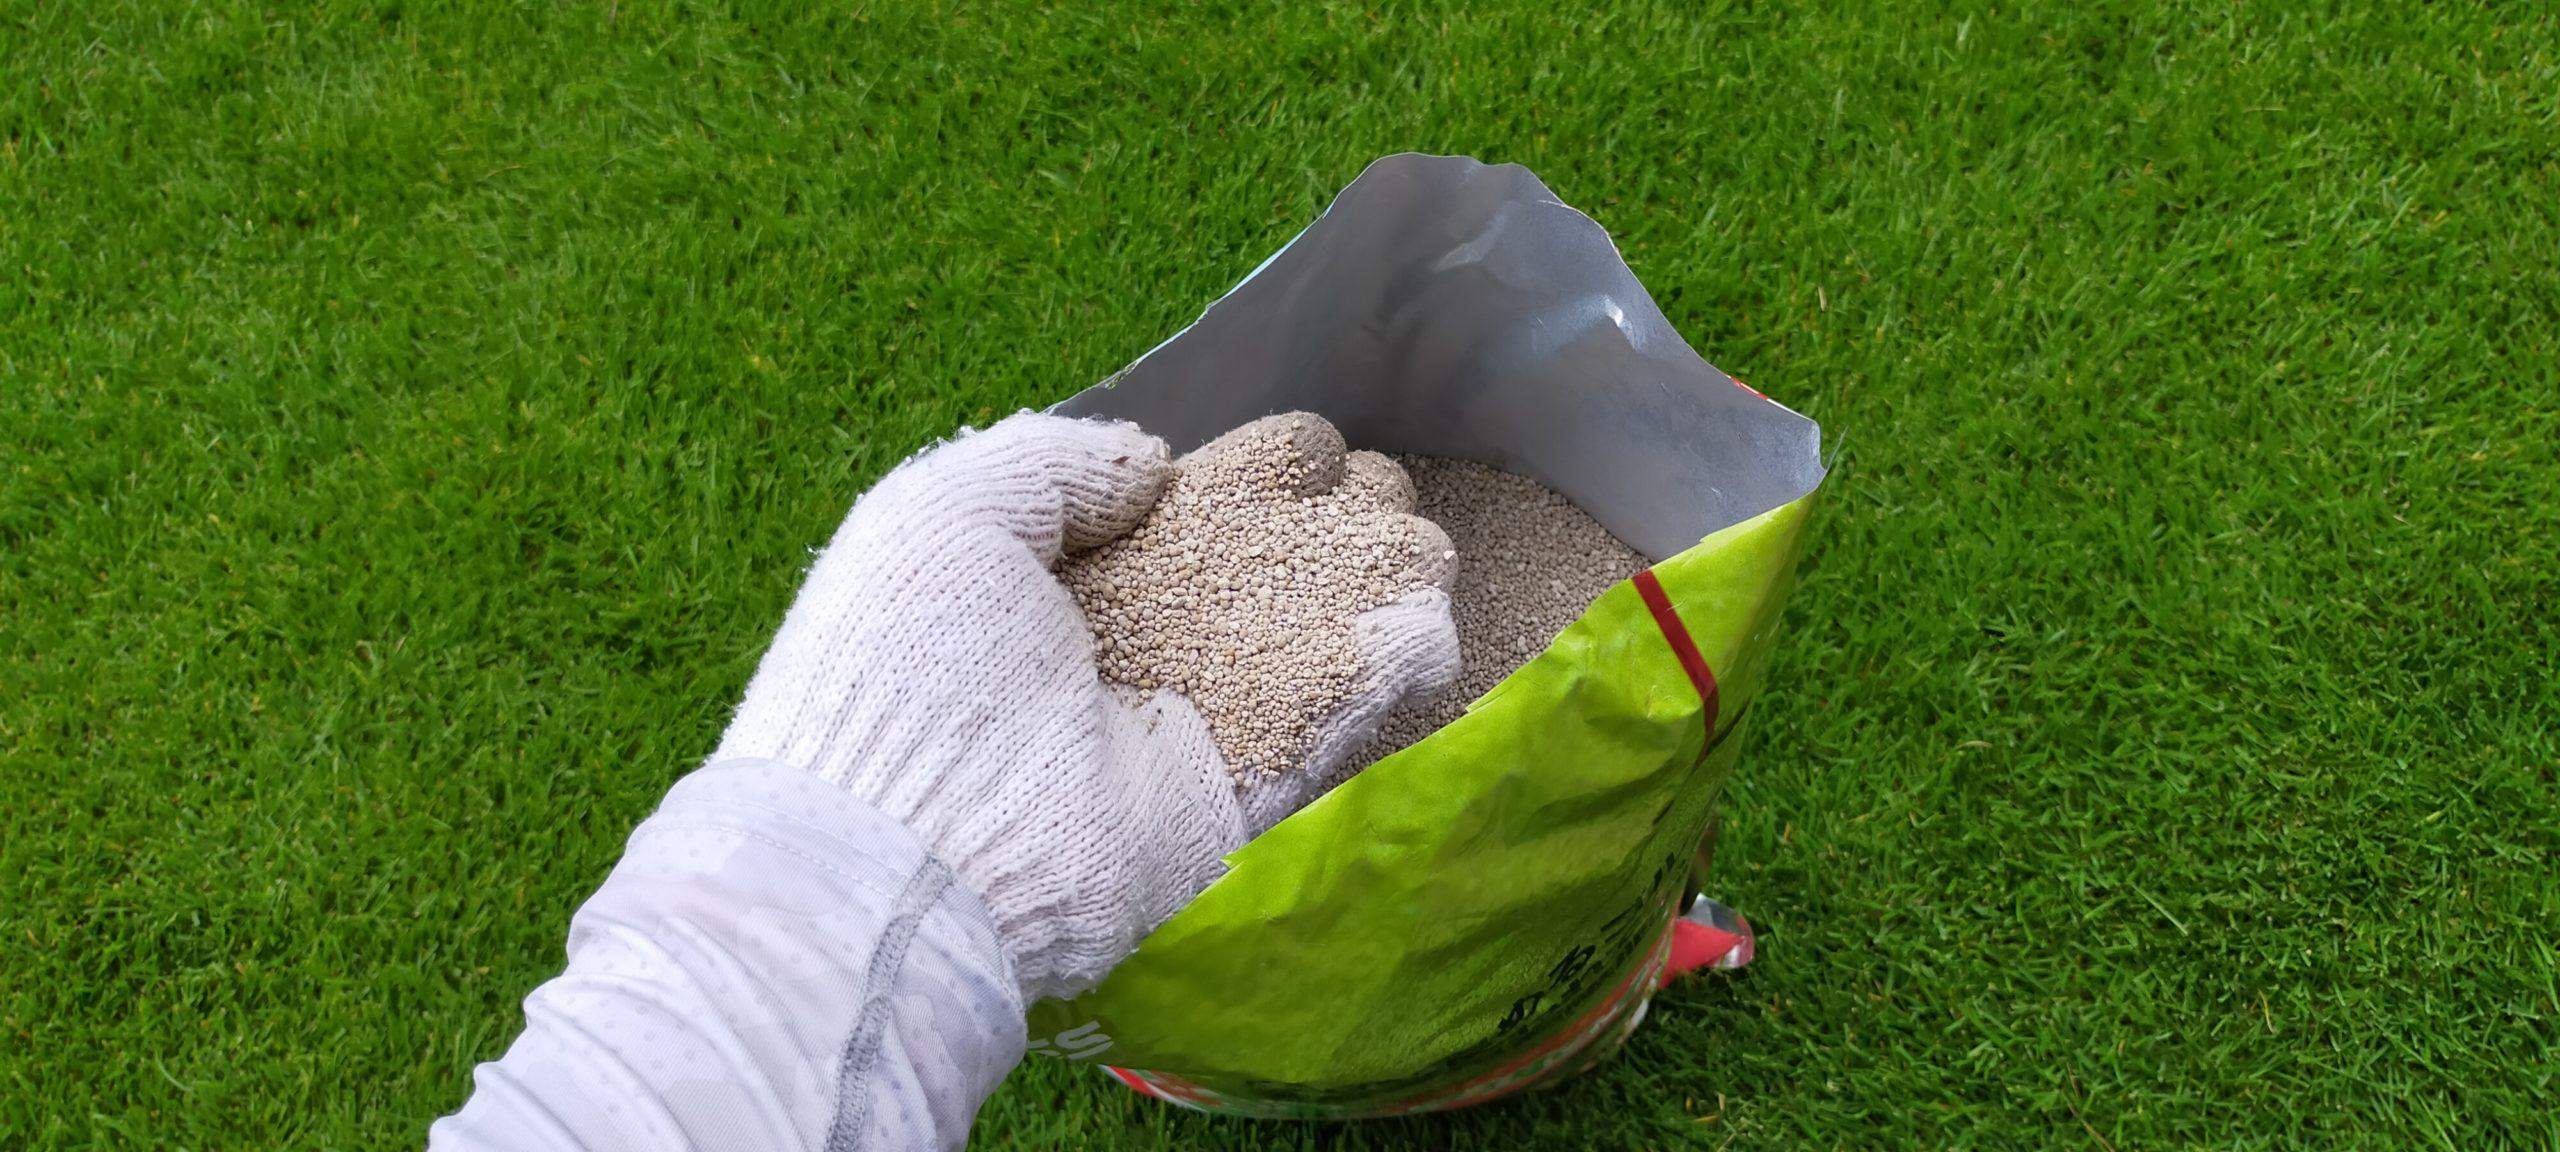 芝生の肥料おすすめ9選!グングン育つよ😃✨